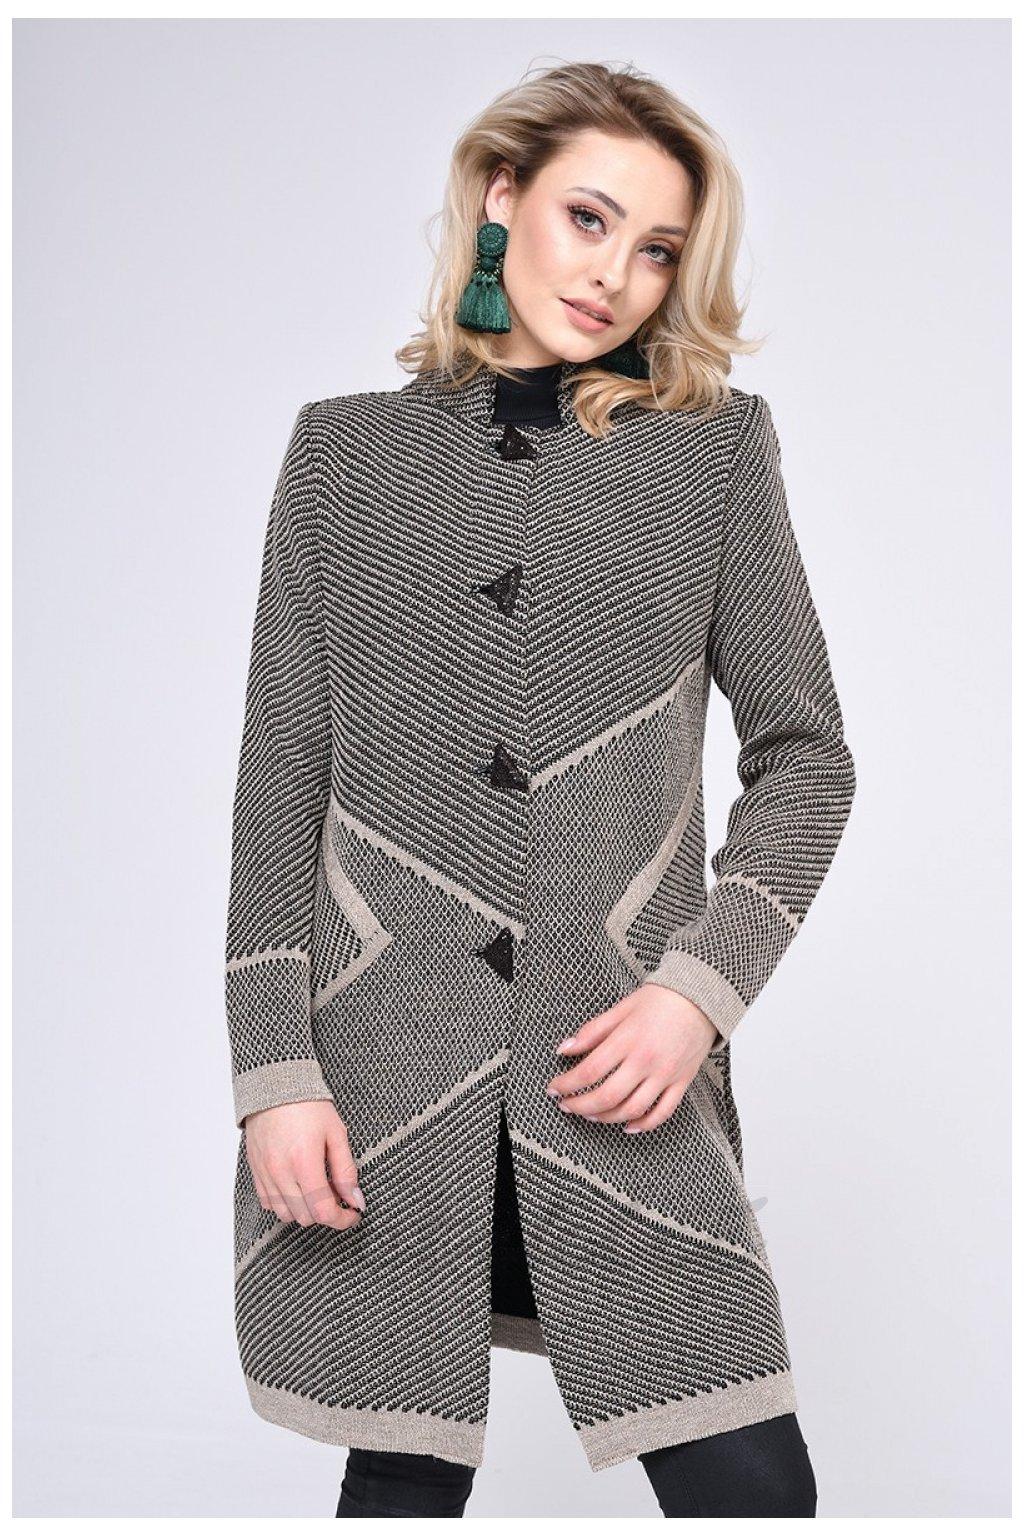 Dámský klasický kabát, model 140436 Vitesi